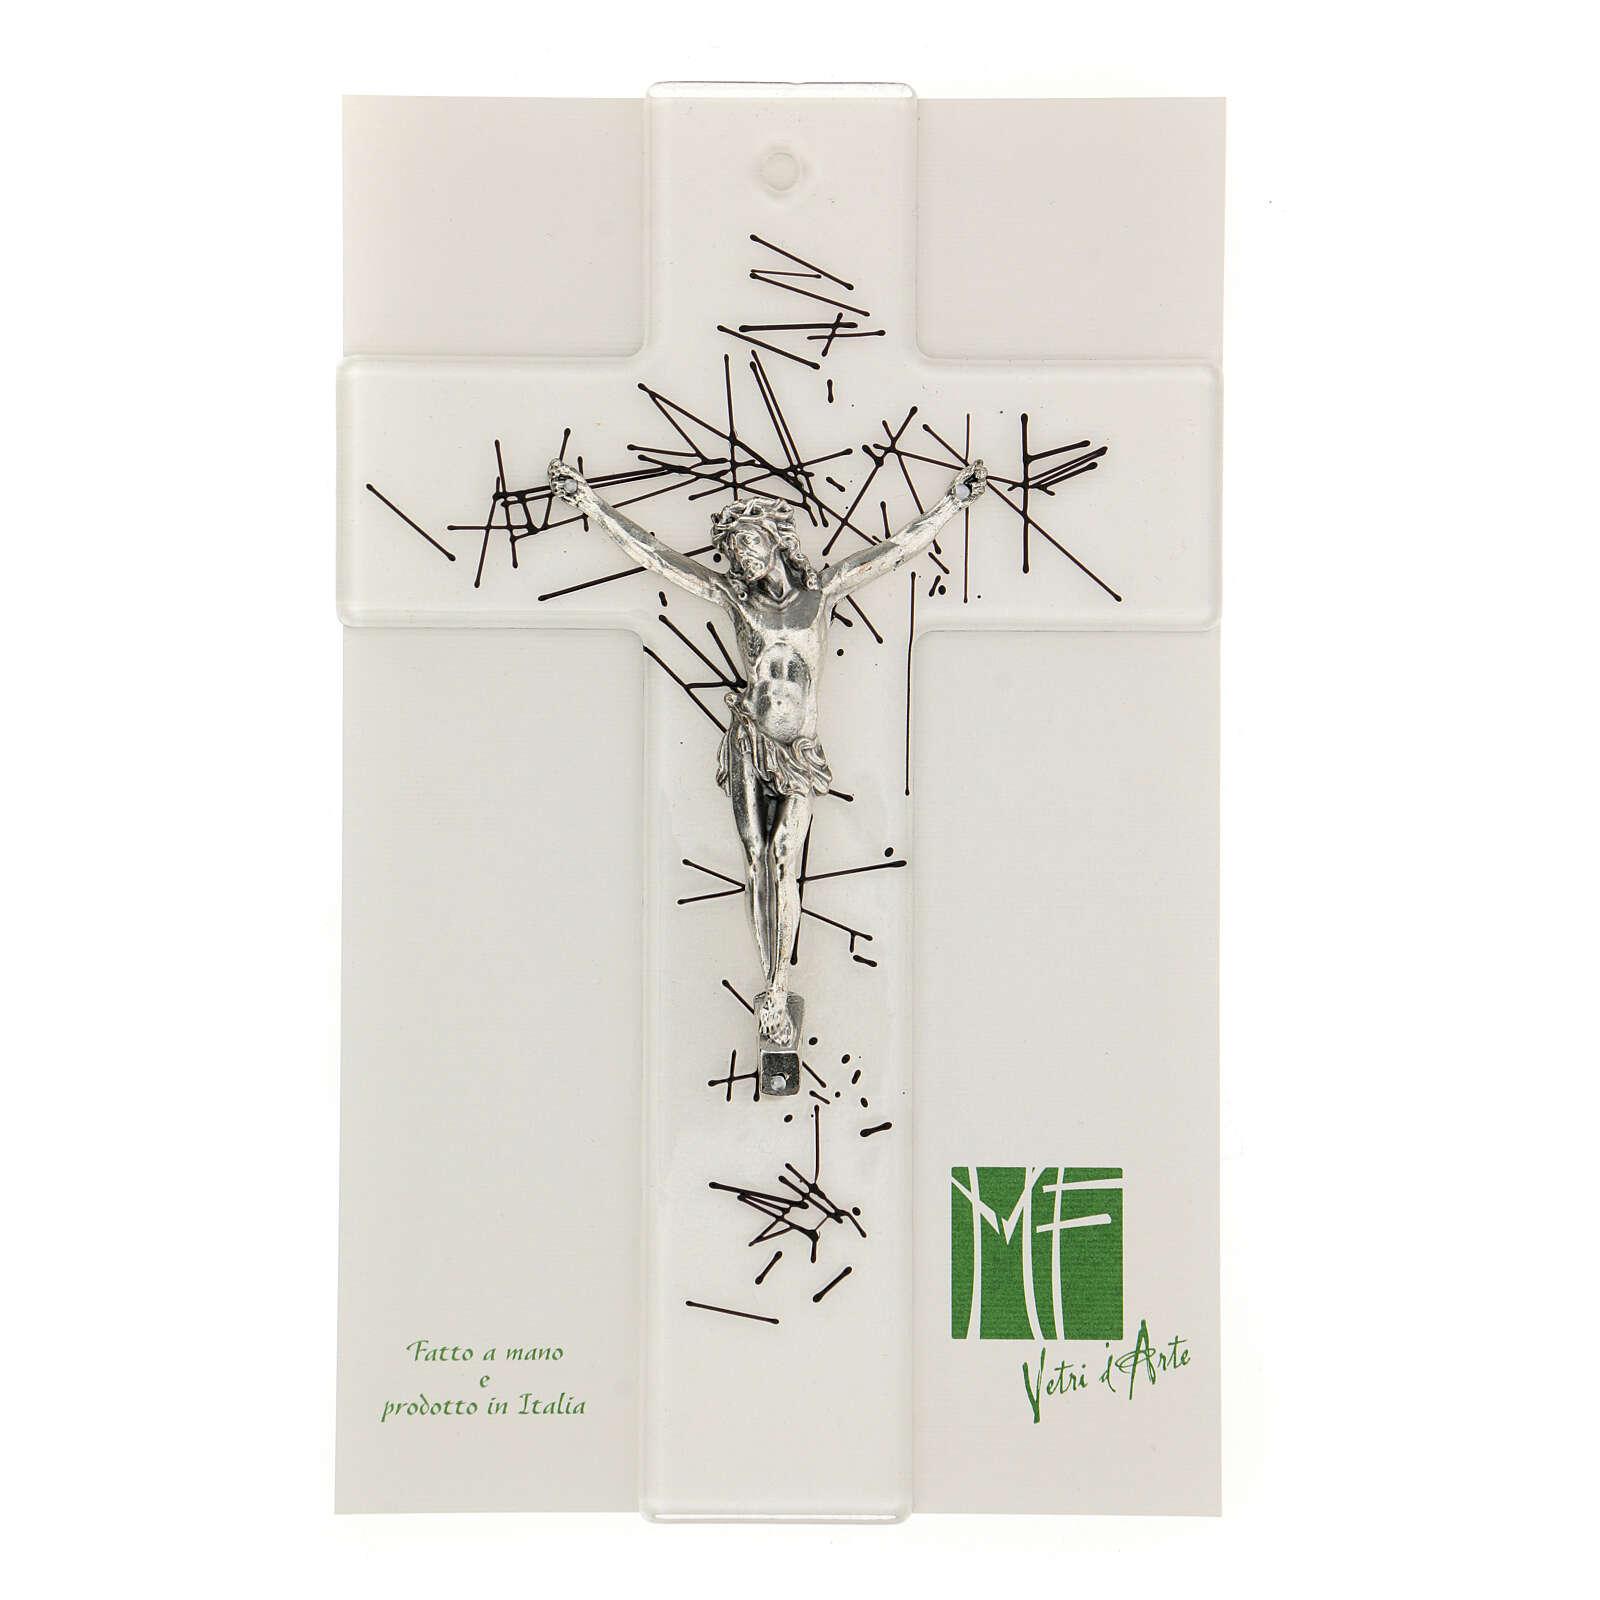 Crucifijo moderno vidrio transparente con decoración rayas negras 20x15 cm 4